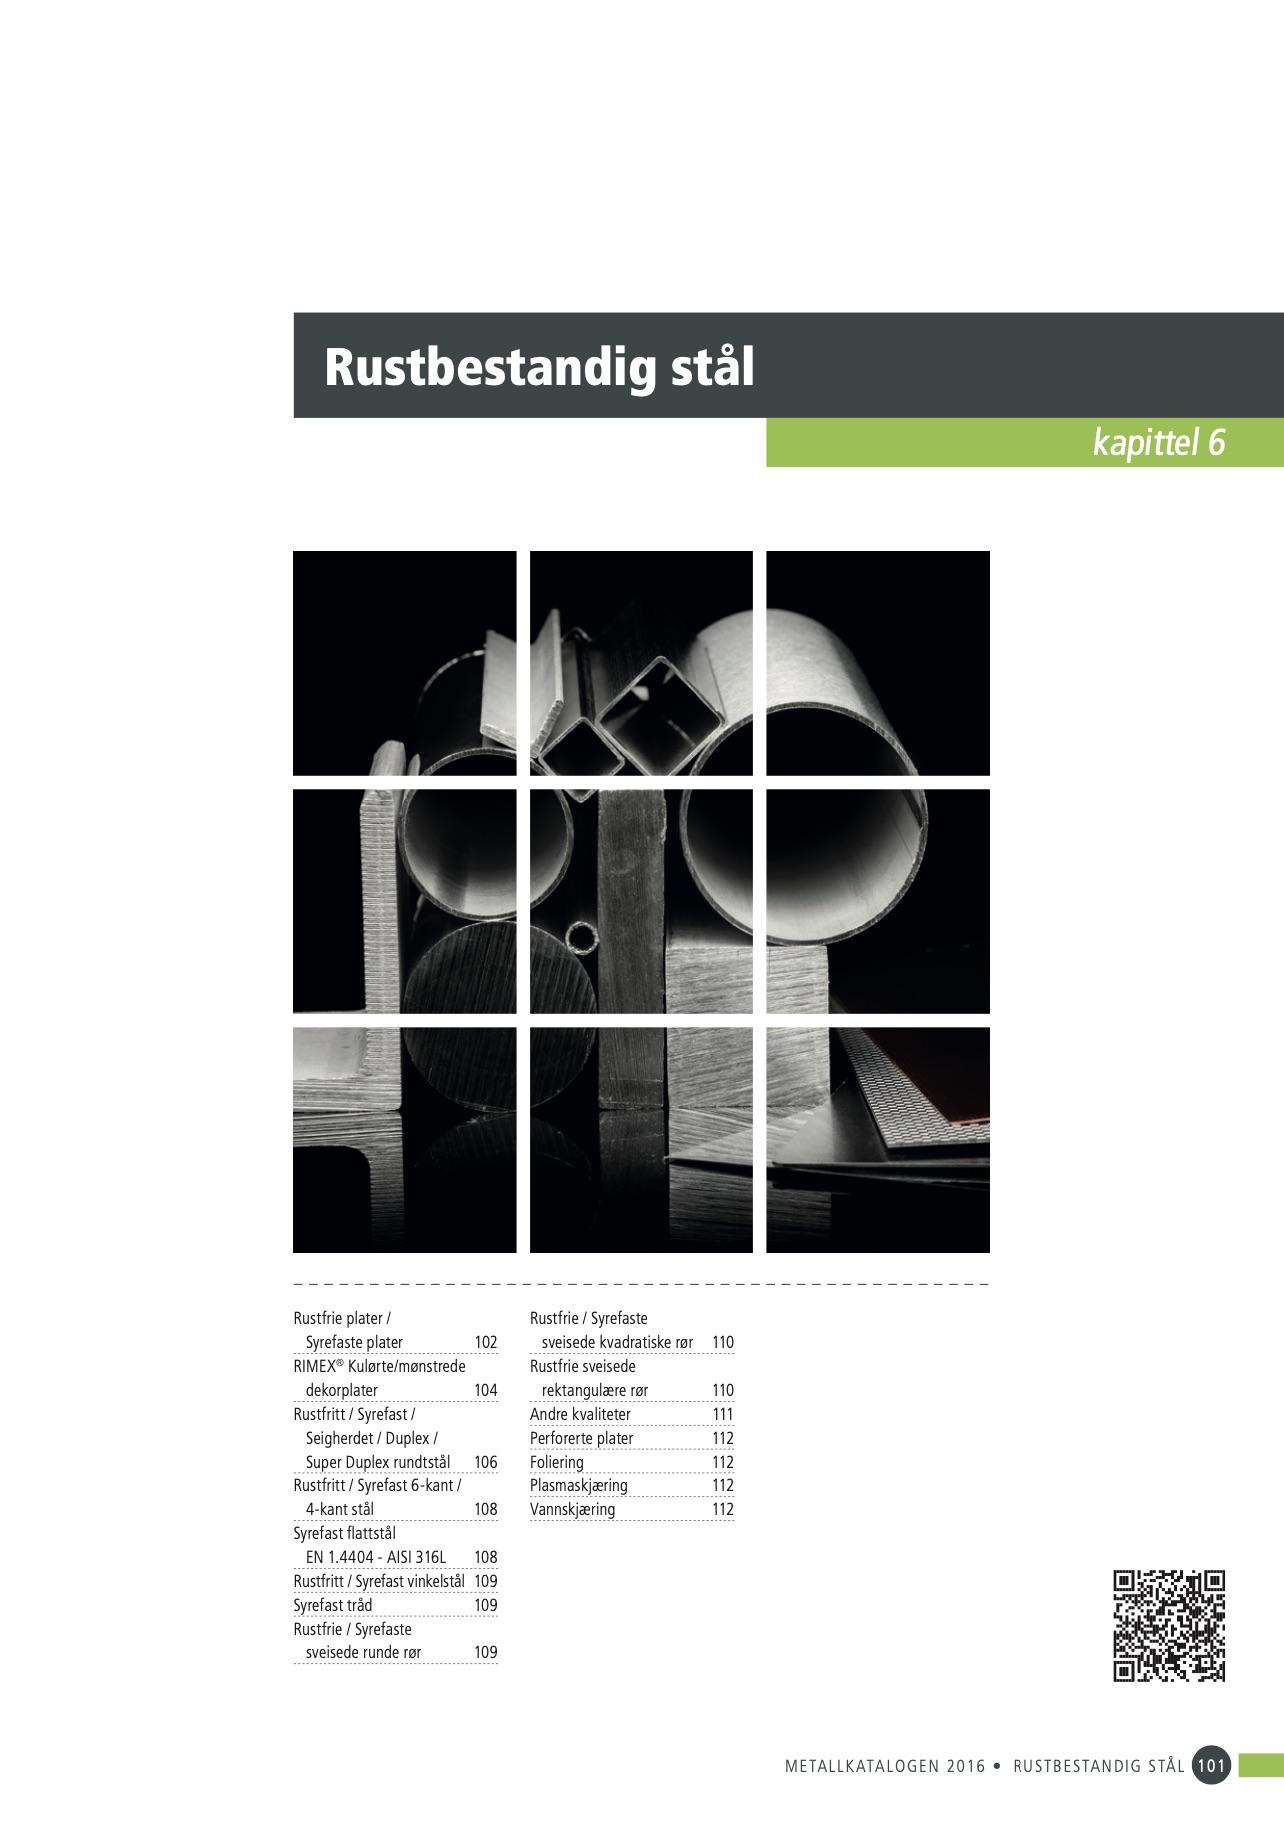 06 Rustbestandig stål